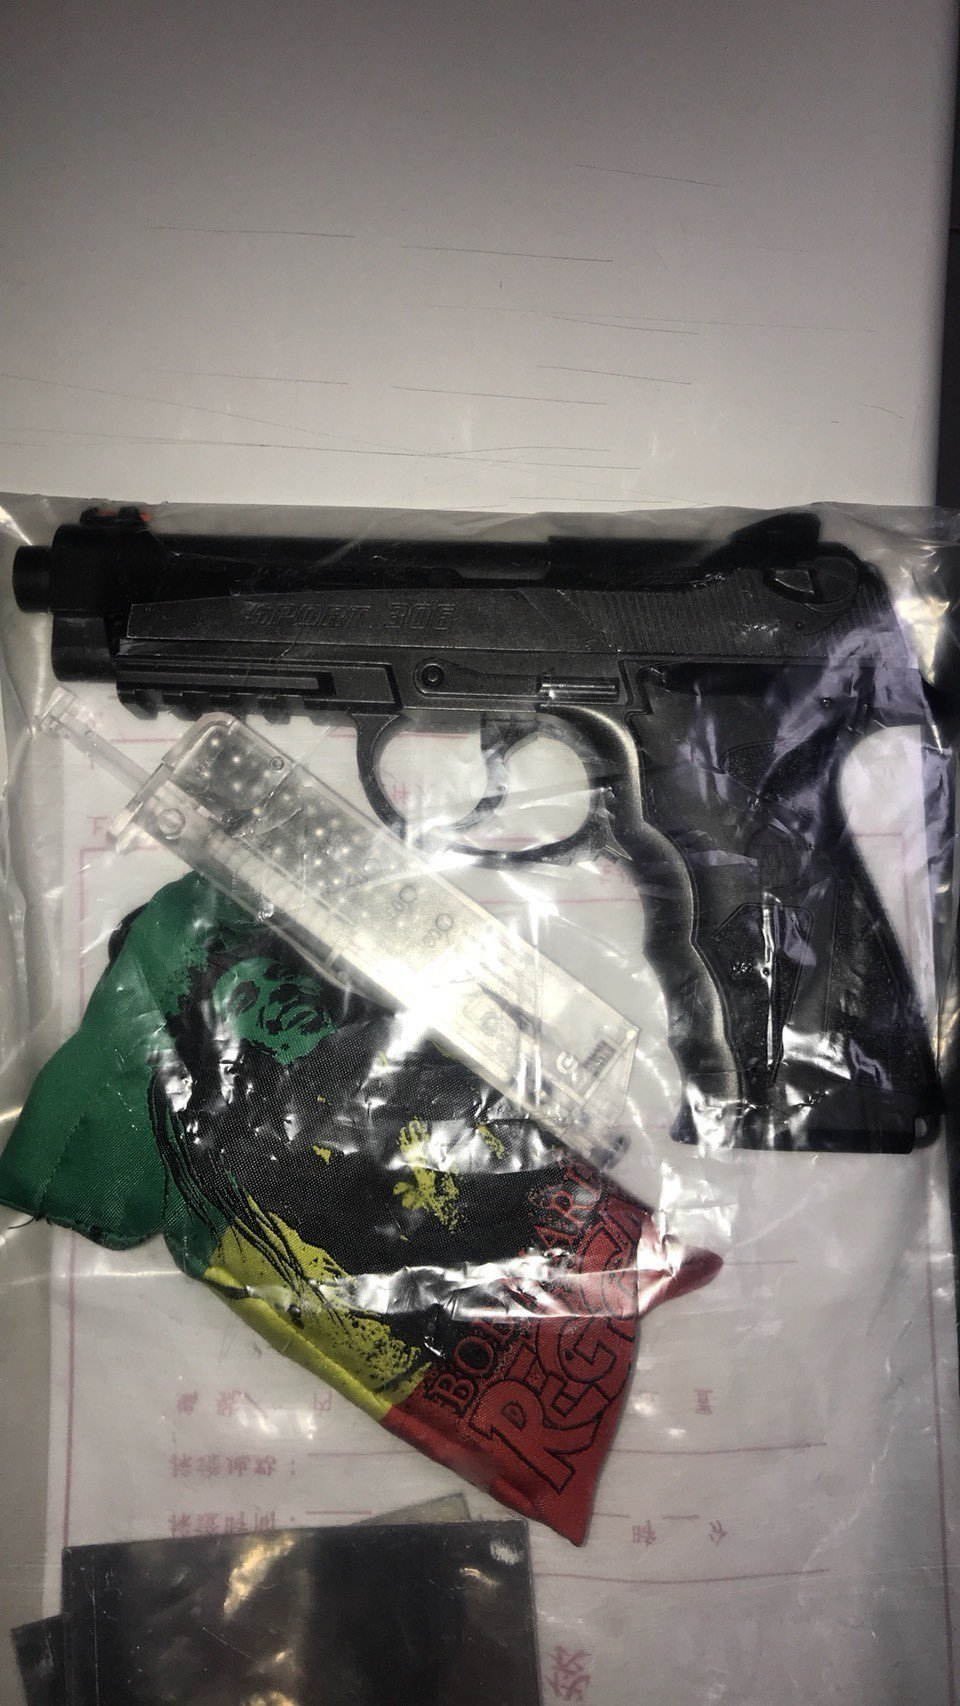 施姓嫌犯的車內被查獲改造空氣手槍。記者林昭彰/翻攝